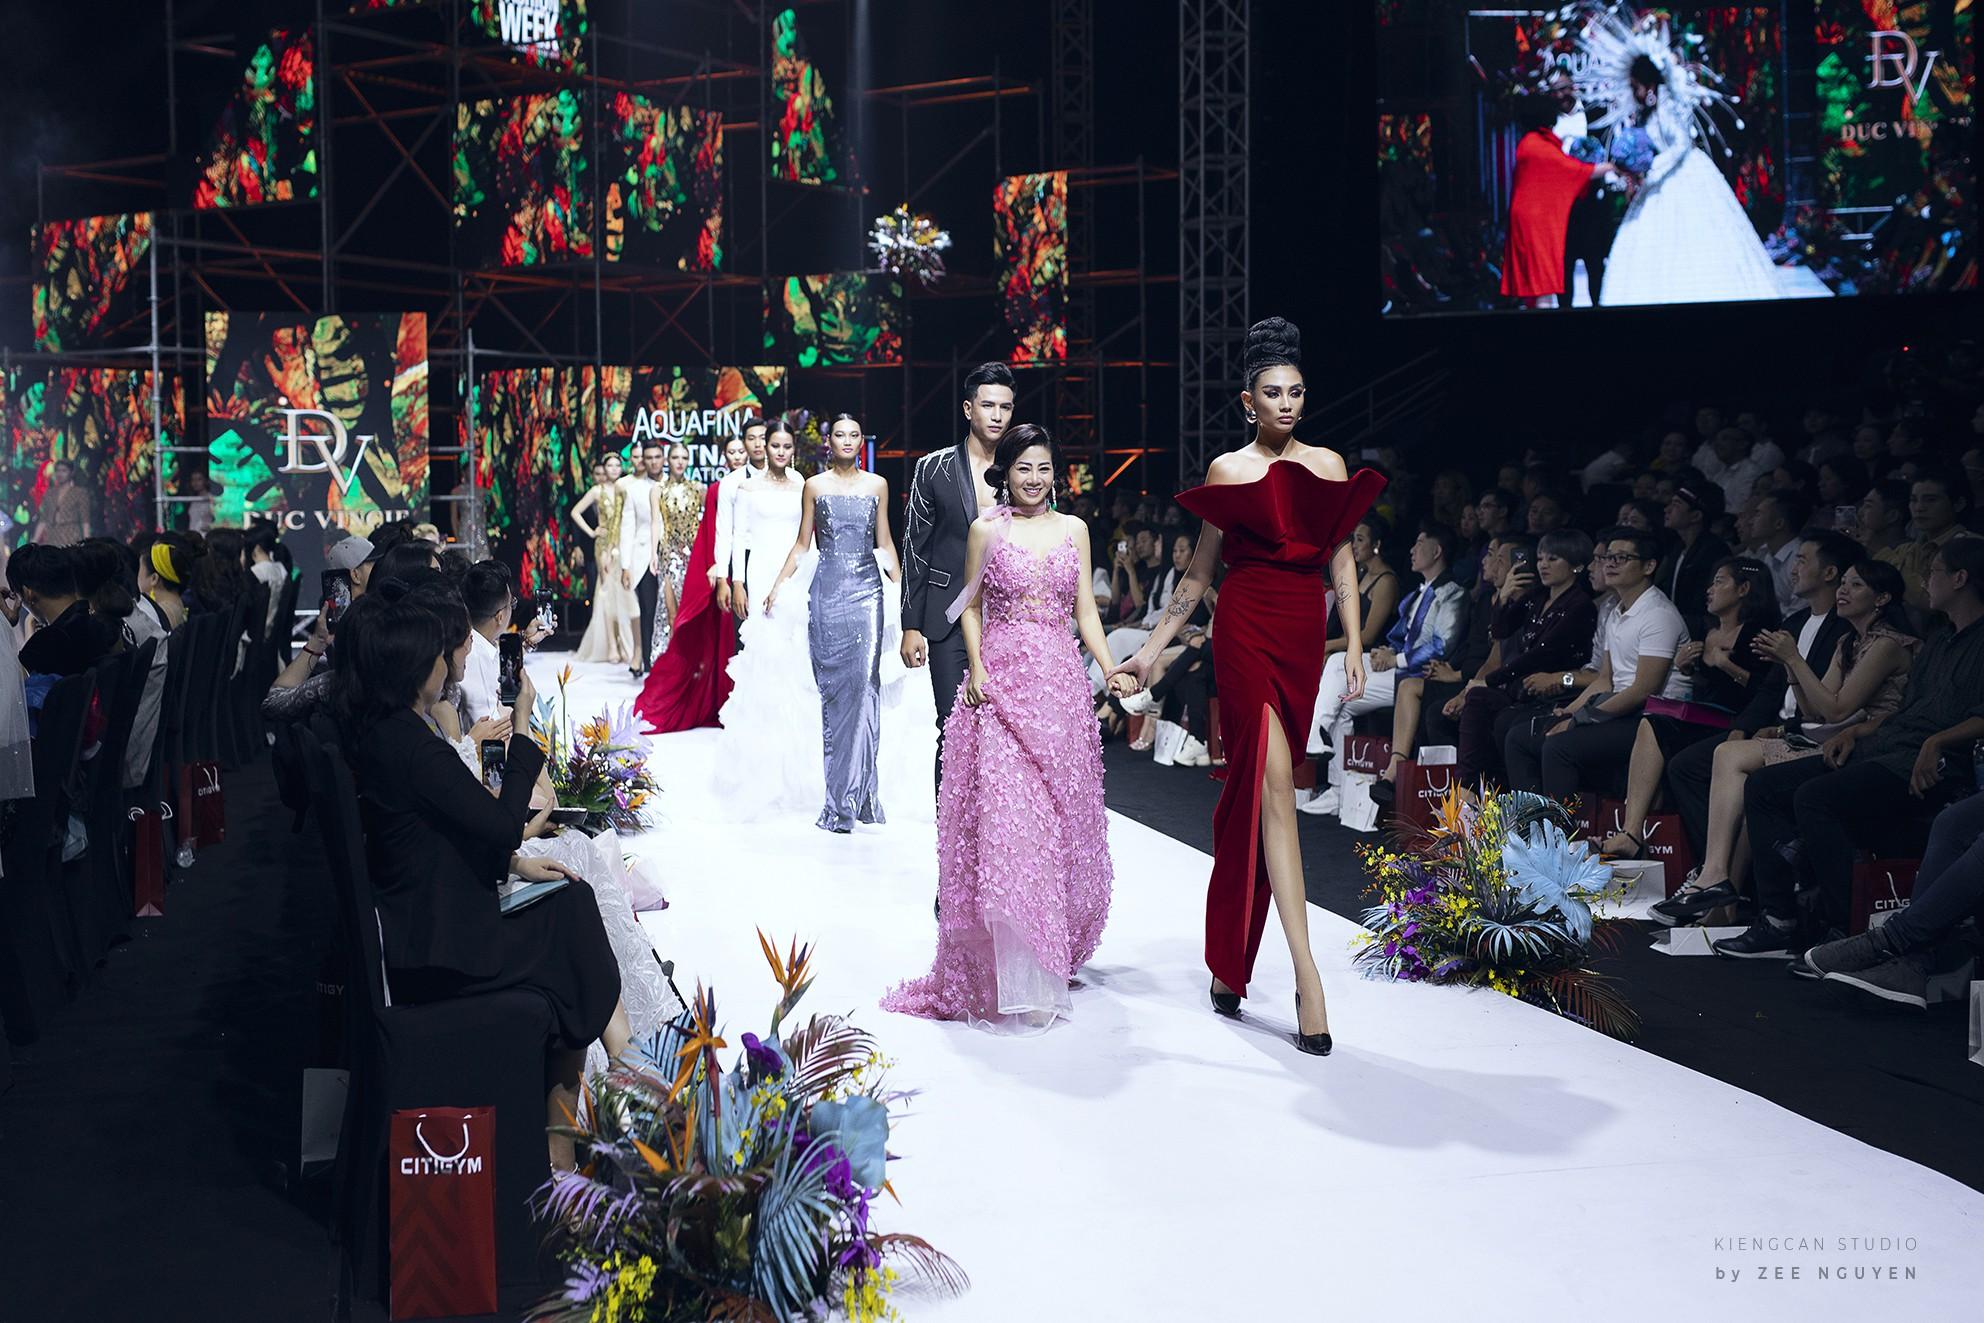 Tuần lễ thời trang: Trương Hồ Phương Nga bất ngờ làm vedette nhưng gây trầm trồ nhất chính là nhan sắc nghiêng nước nghiêng thành - Ảnh 10.